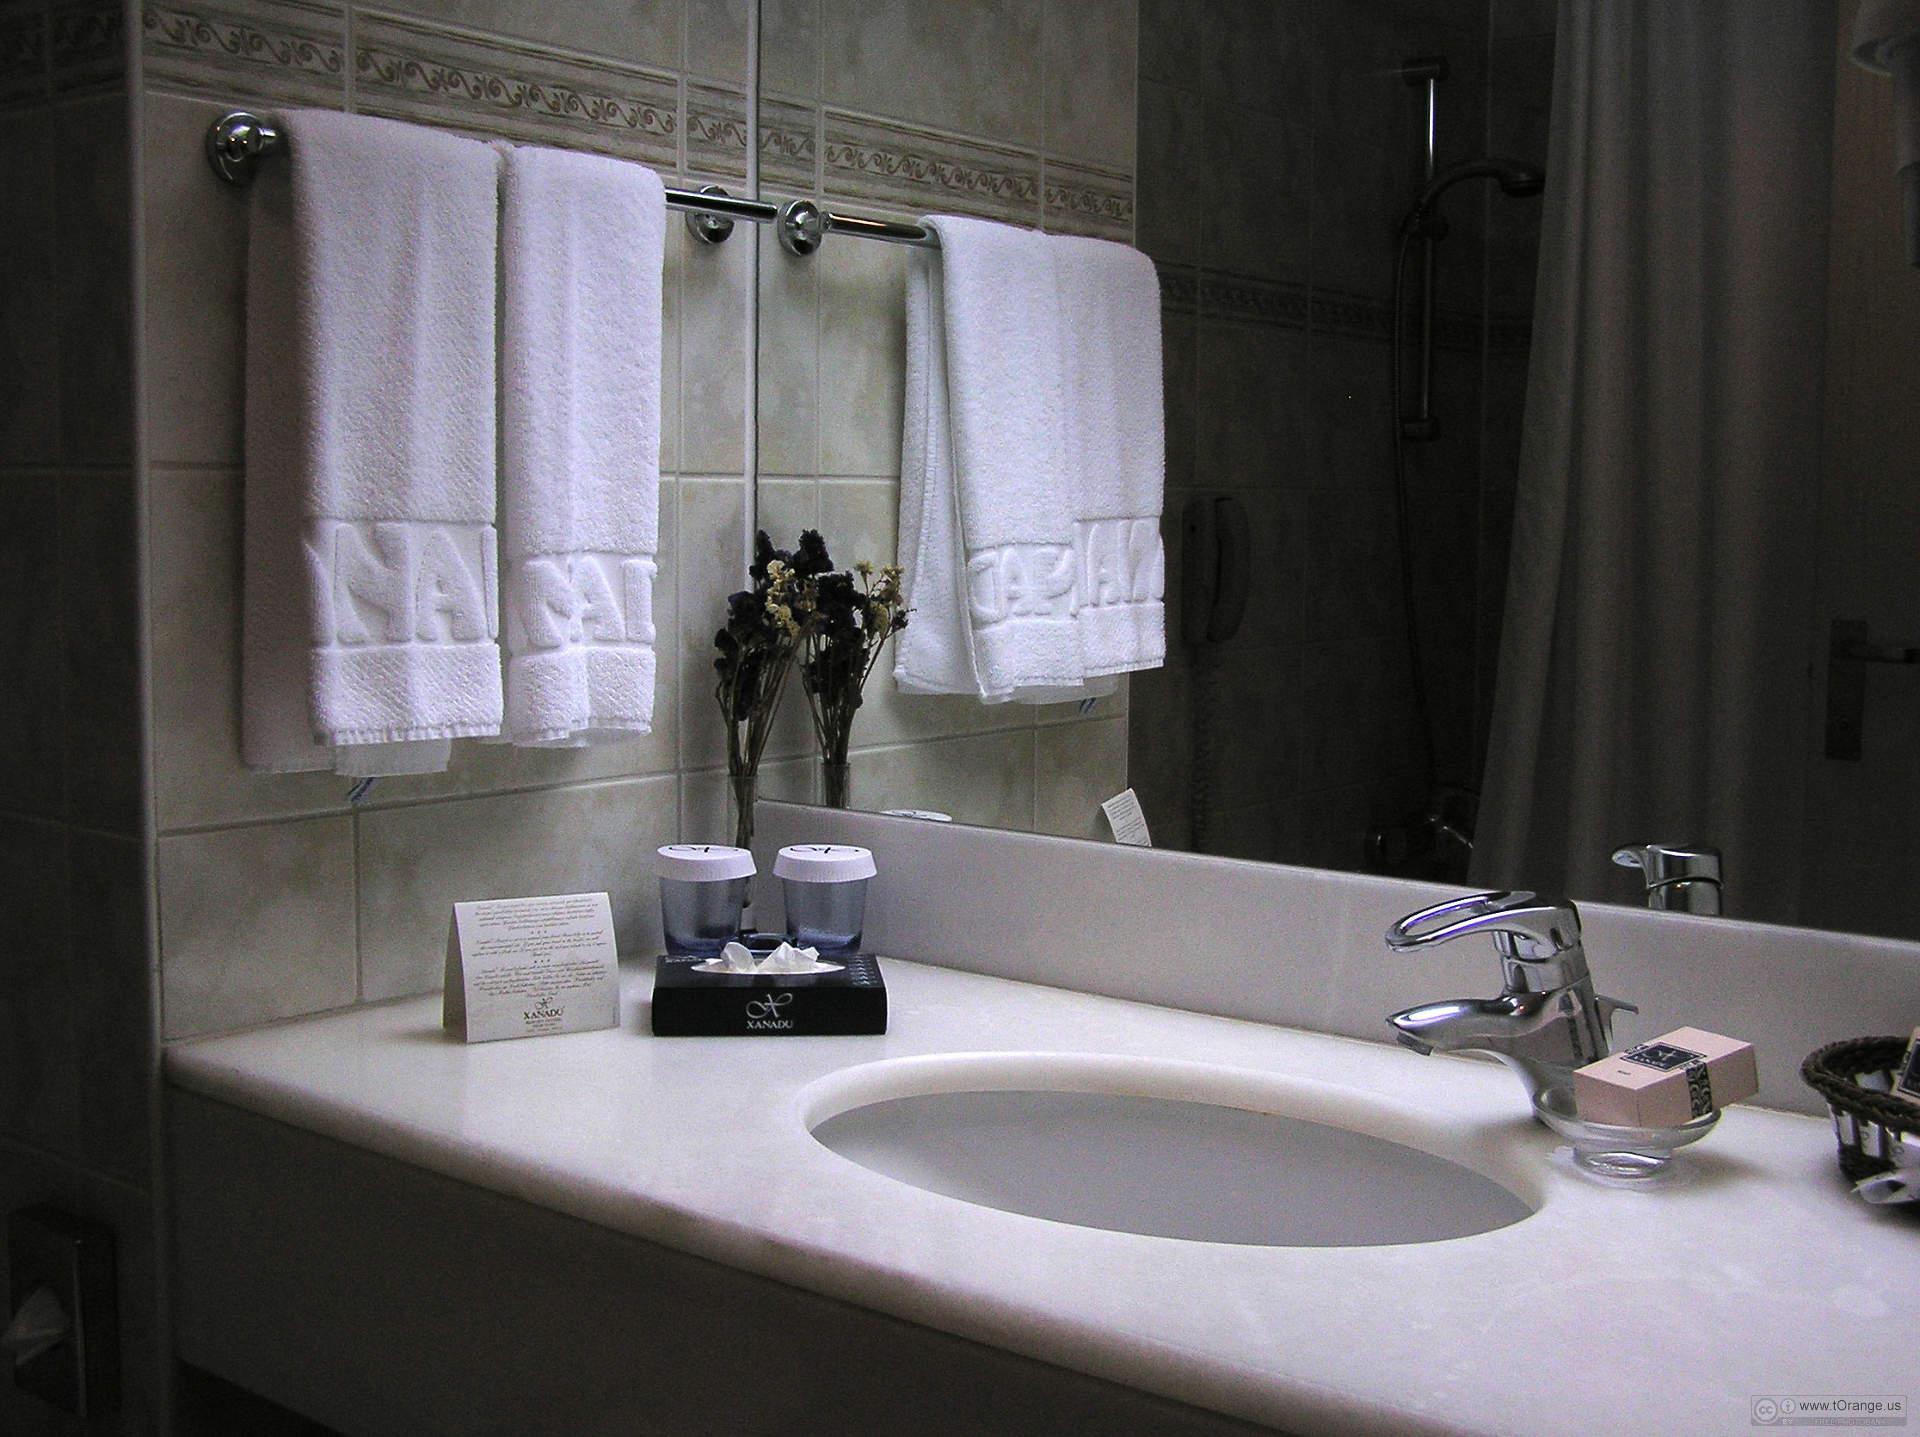 Bathroom-in-hotel-1363953155_87.jpg